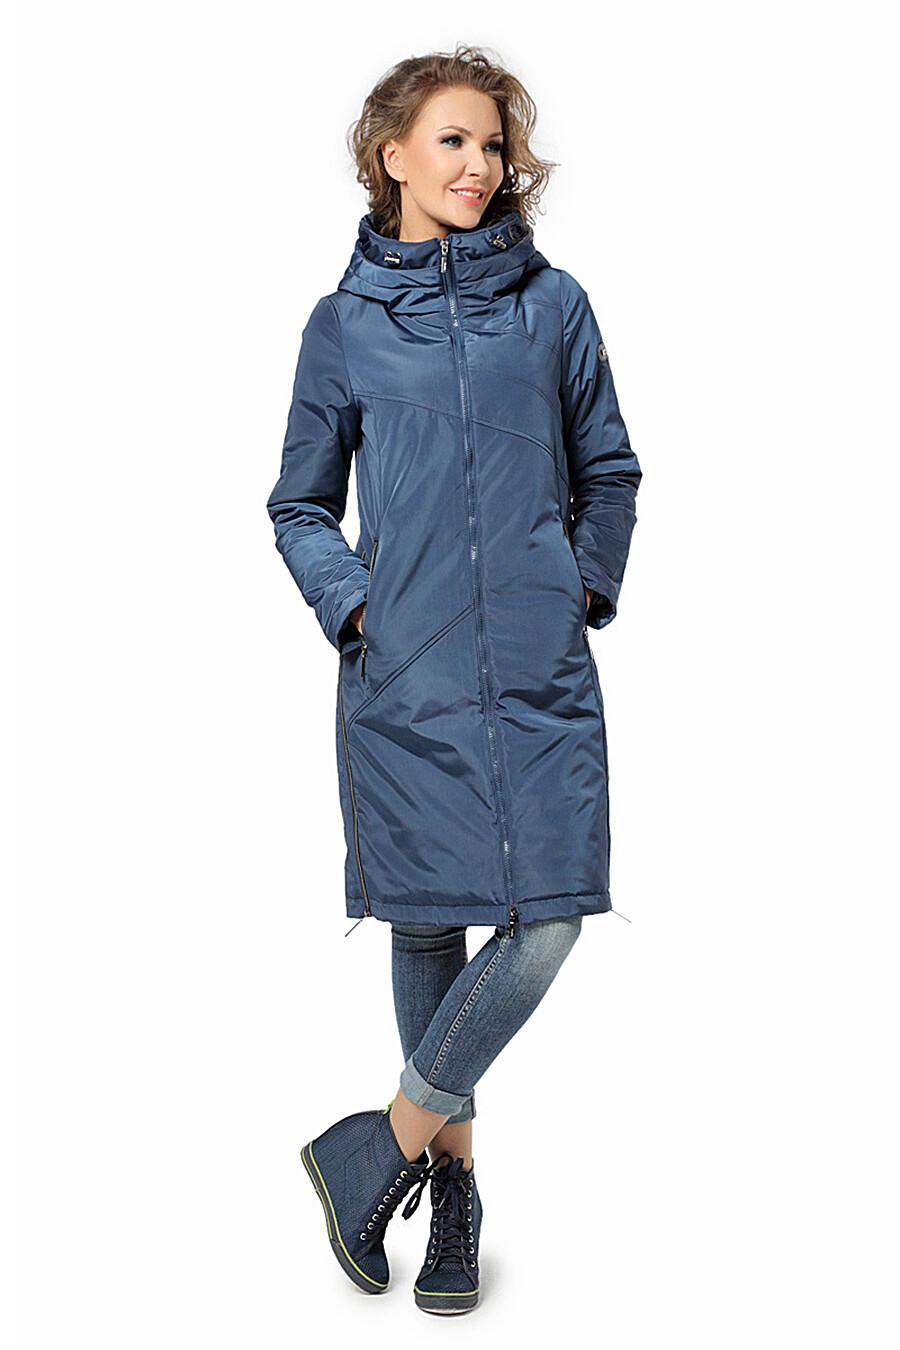 Плащ для женщин DIWAY 169597 купить оптом от производителя. Совместная покупка женской одежды в OptMoyo